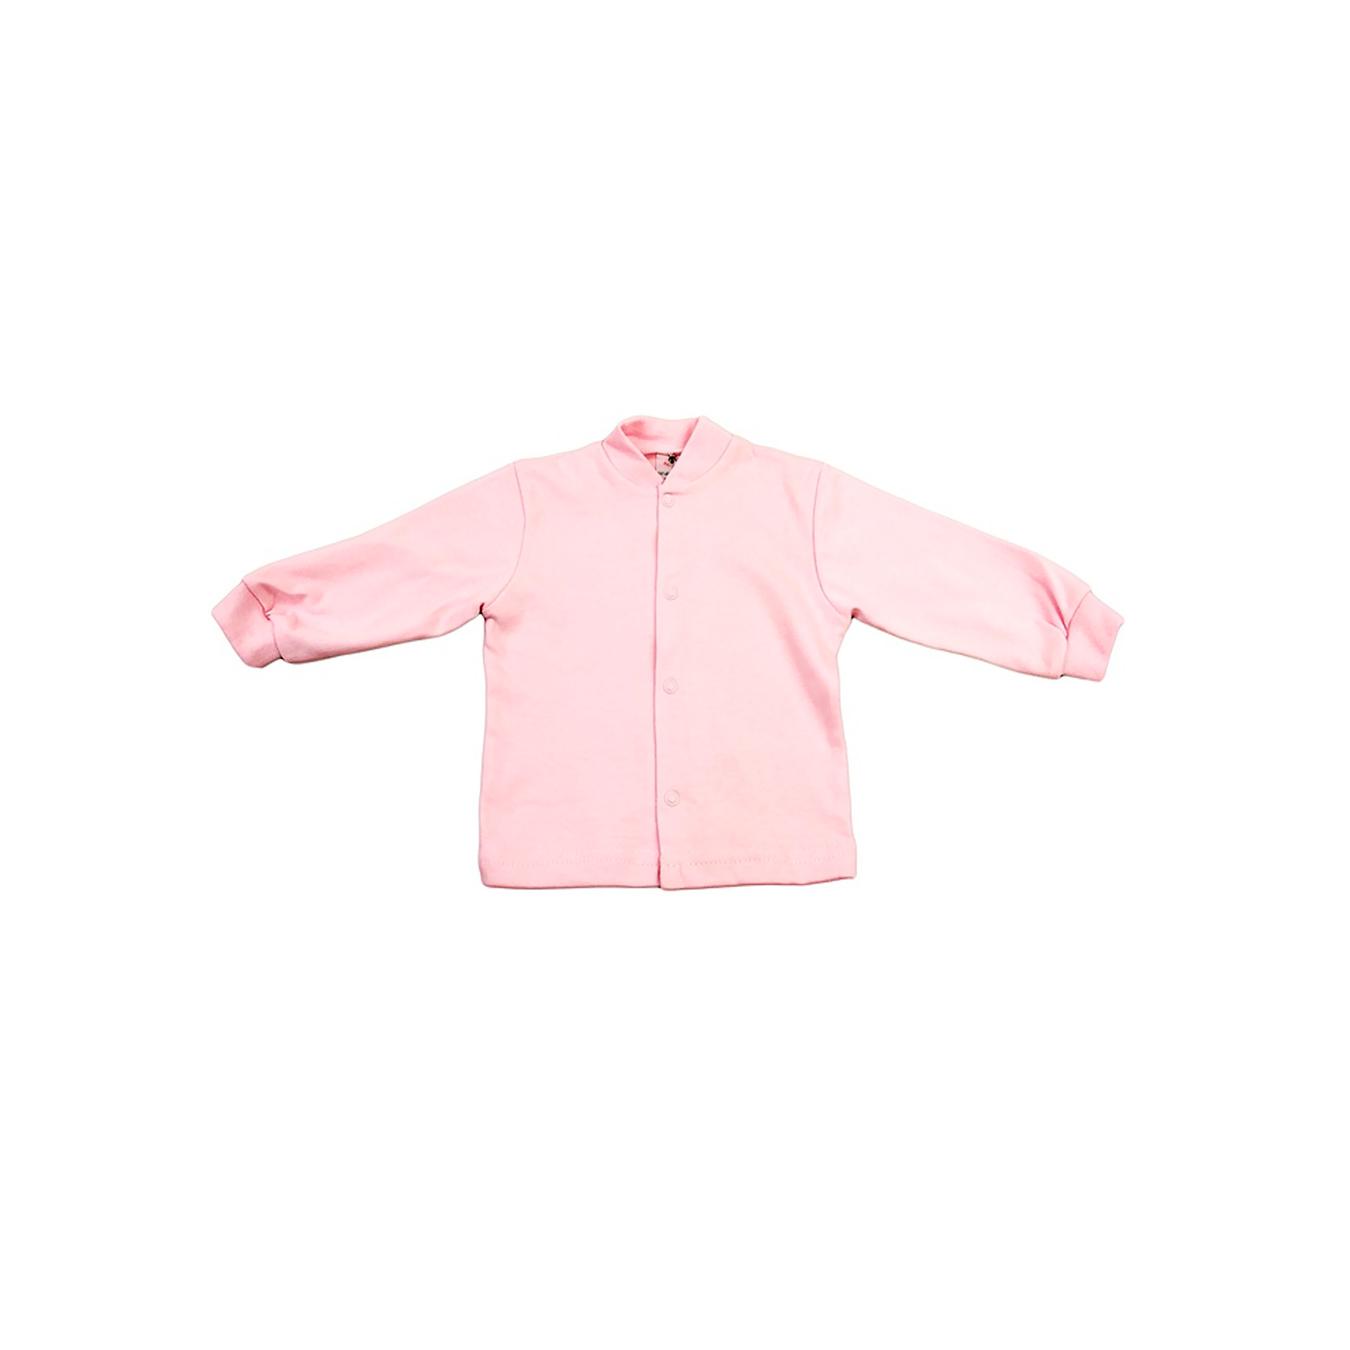 Кофточка КОТМАРКОТ для девочки, цвет однотонный розовый 1 год (размер 86)<br>